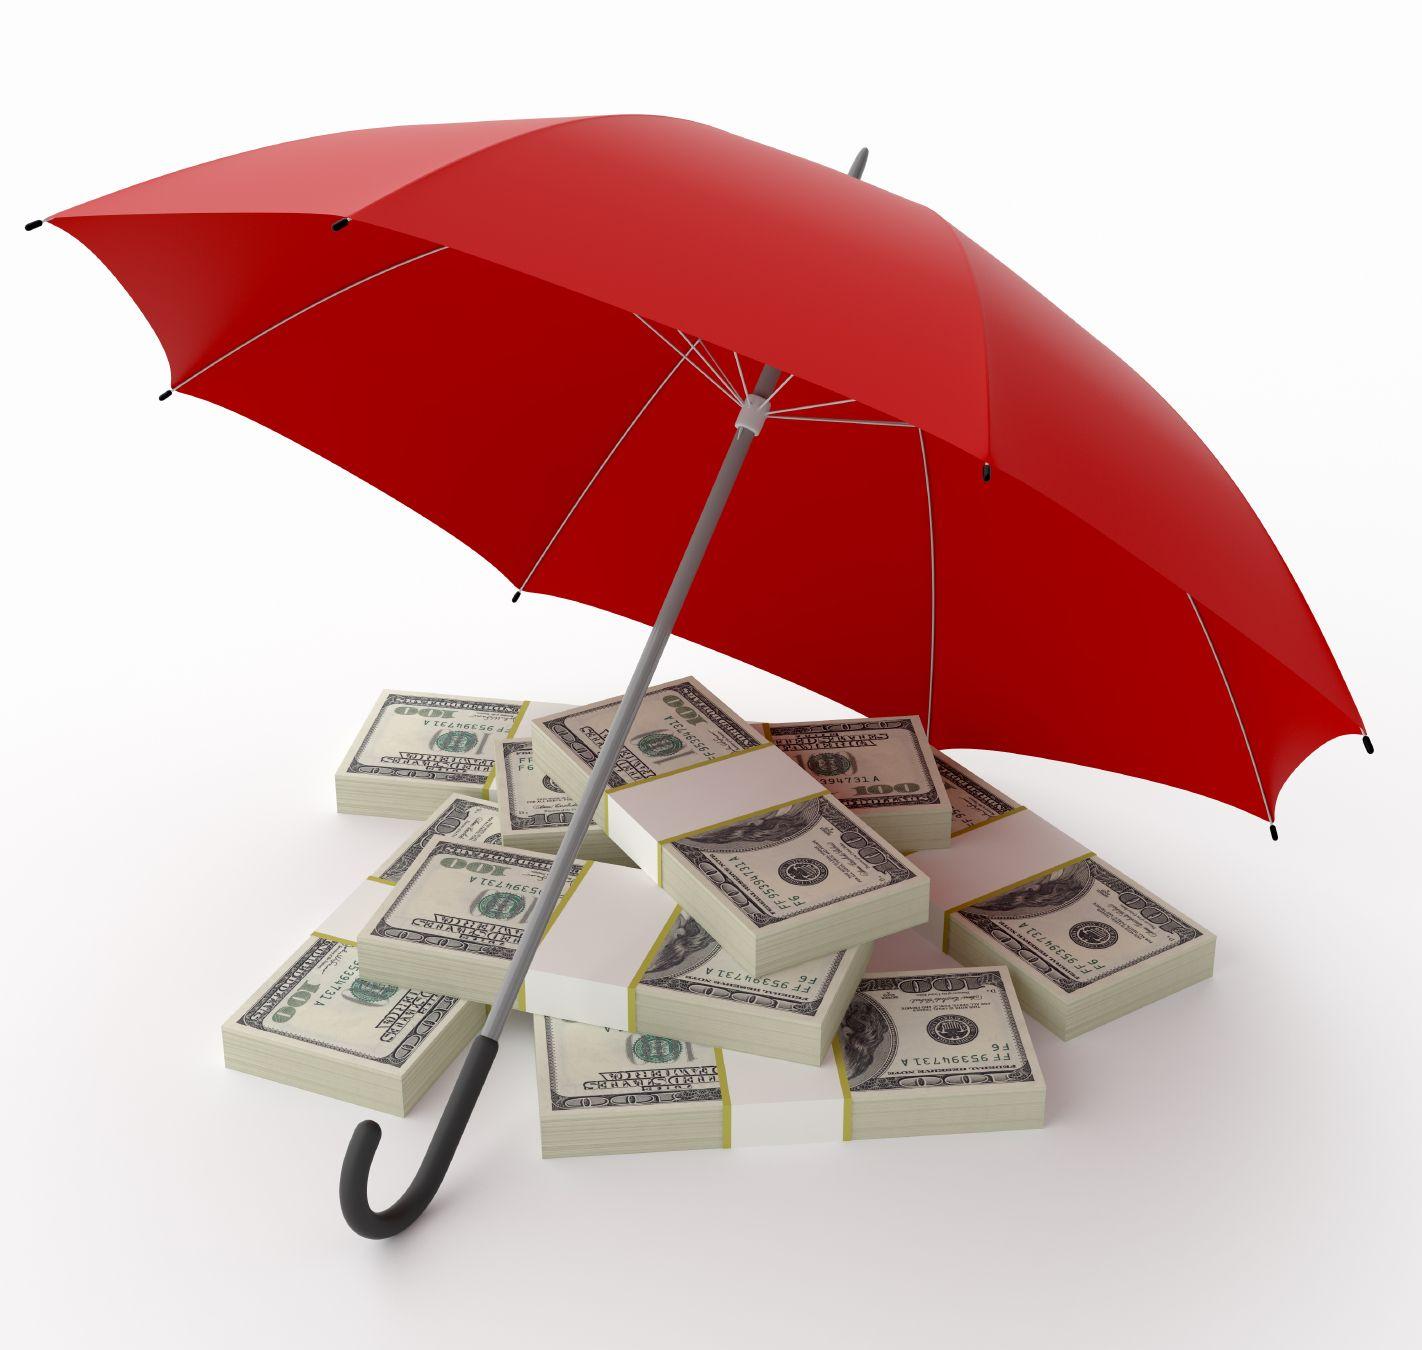 Umbrella Policy Income Protection Insurance Umbrella Insurance